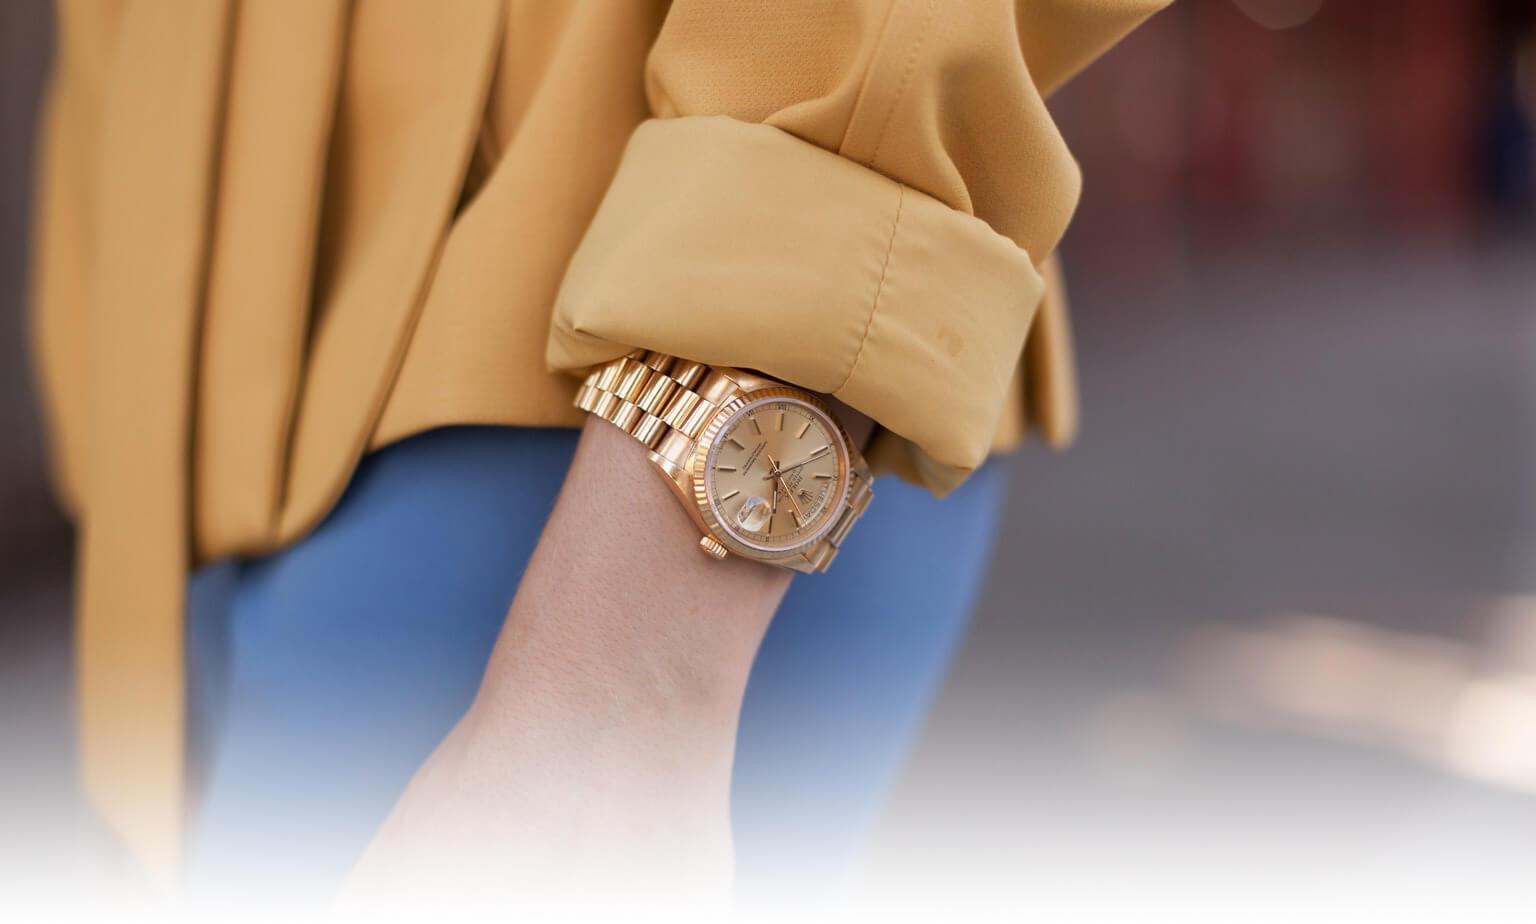 Đồng hồ vàng khối 18k chính hãng